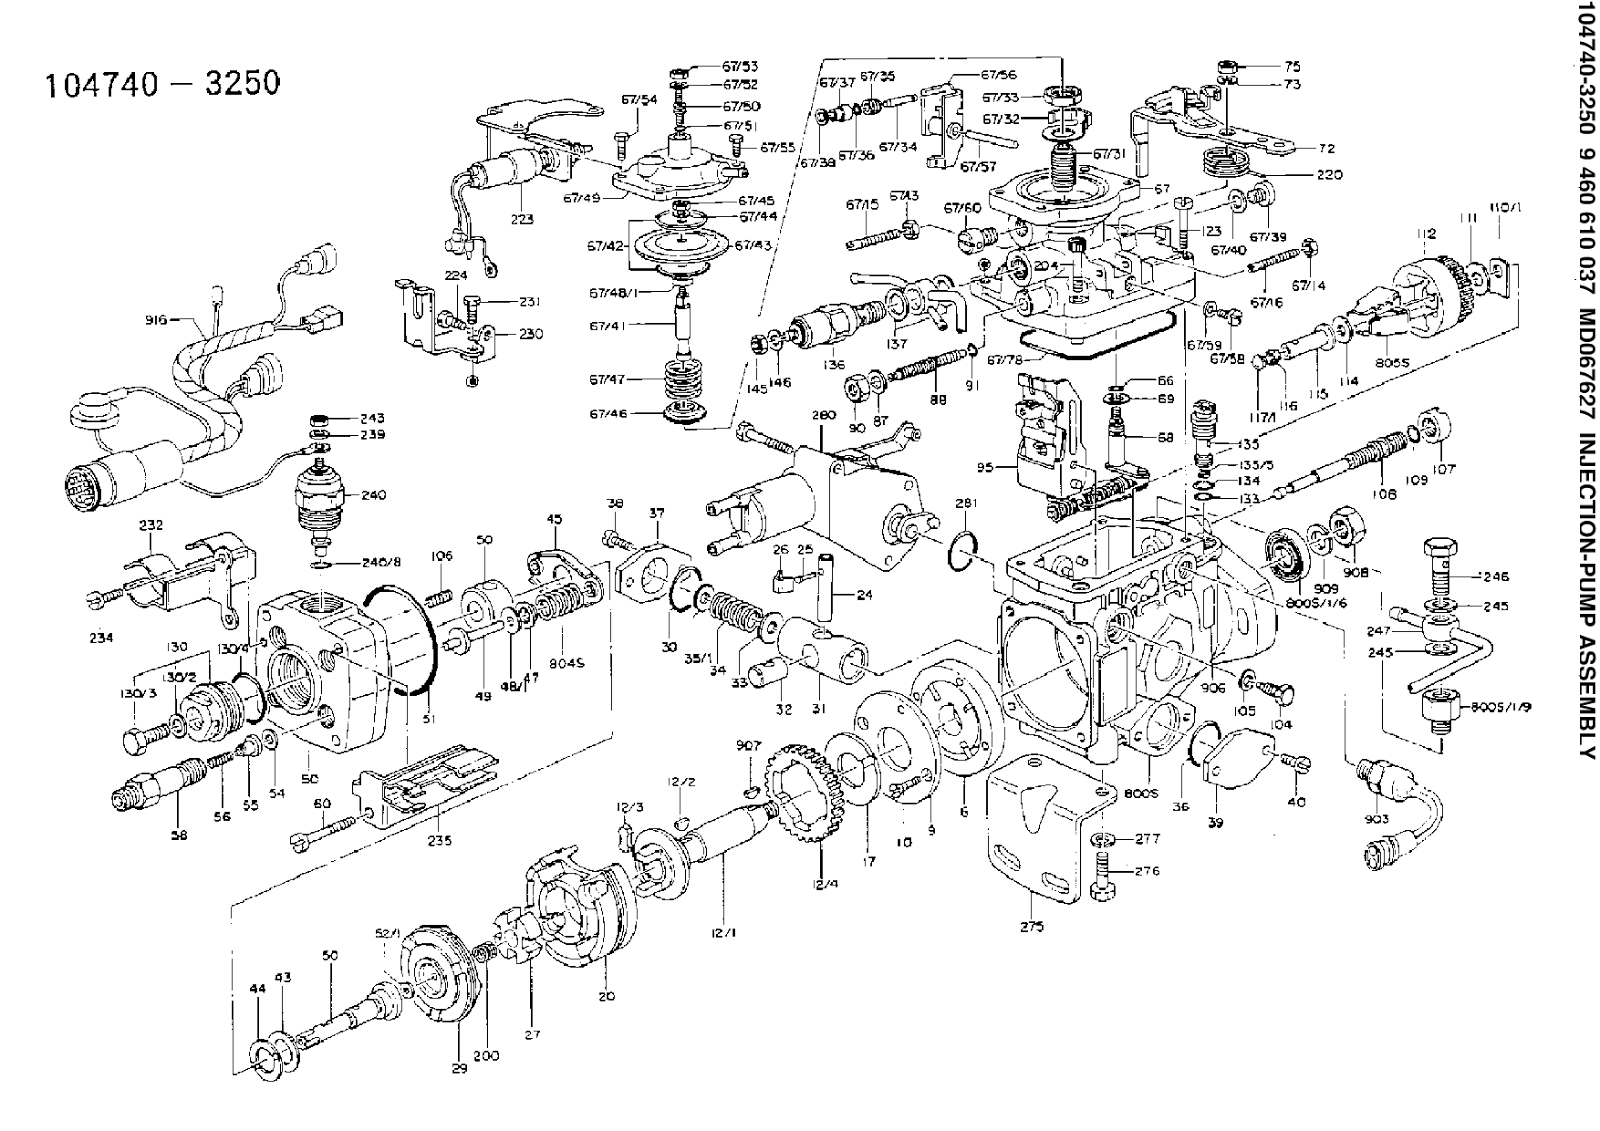 medium resolution of 9460610037 104740 3250 fuel distributor injection pump zexel